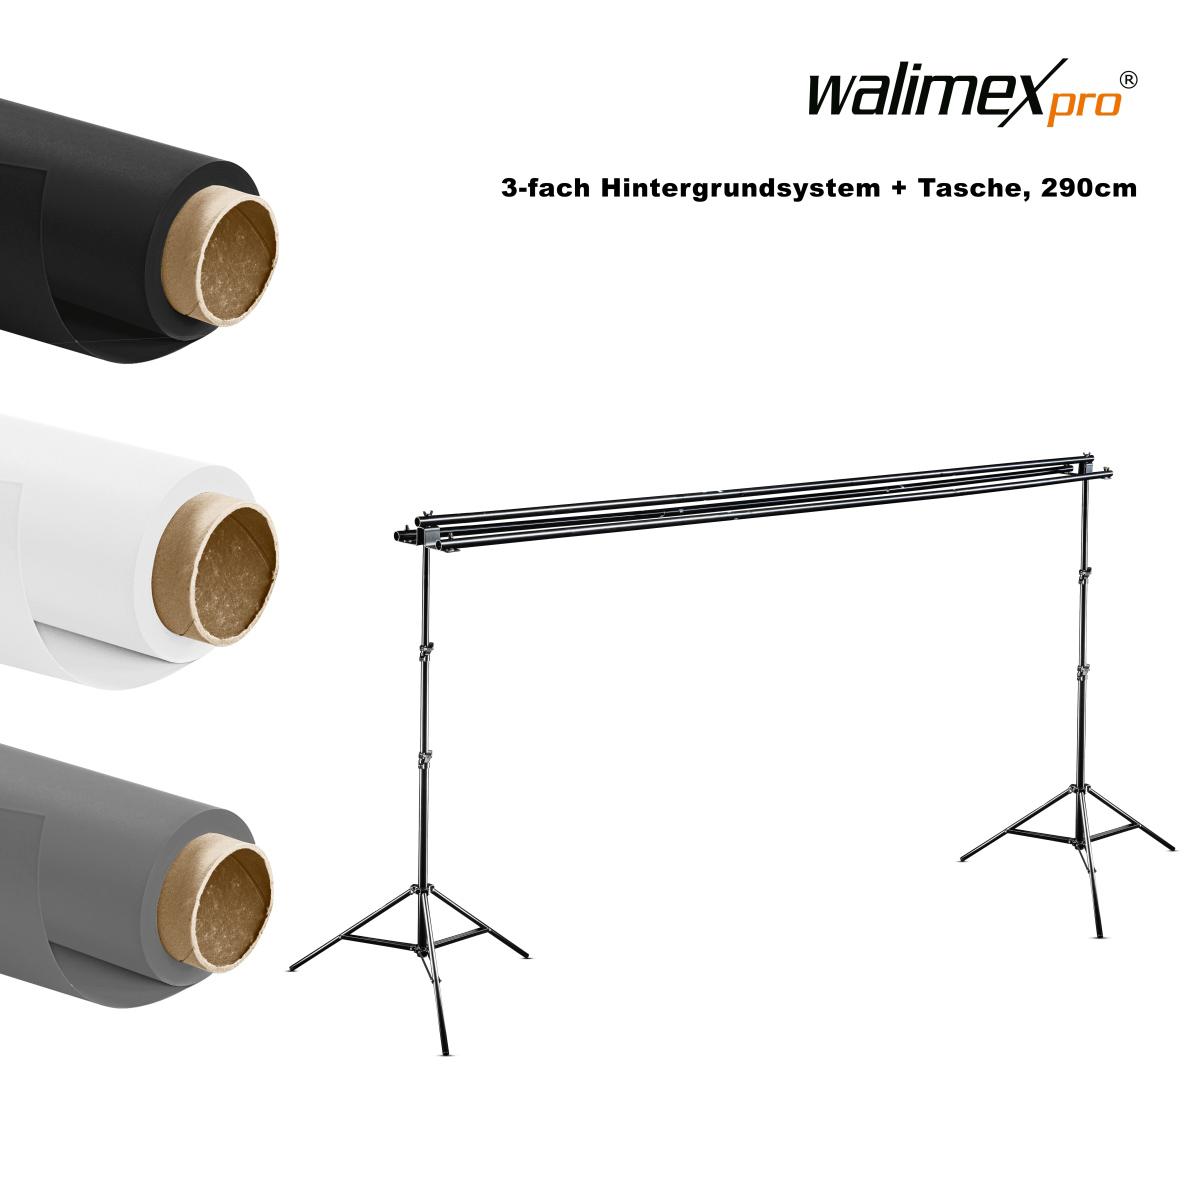 Walimex pro 3-fach Hintergrundsystem+Tasche, 290 cm